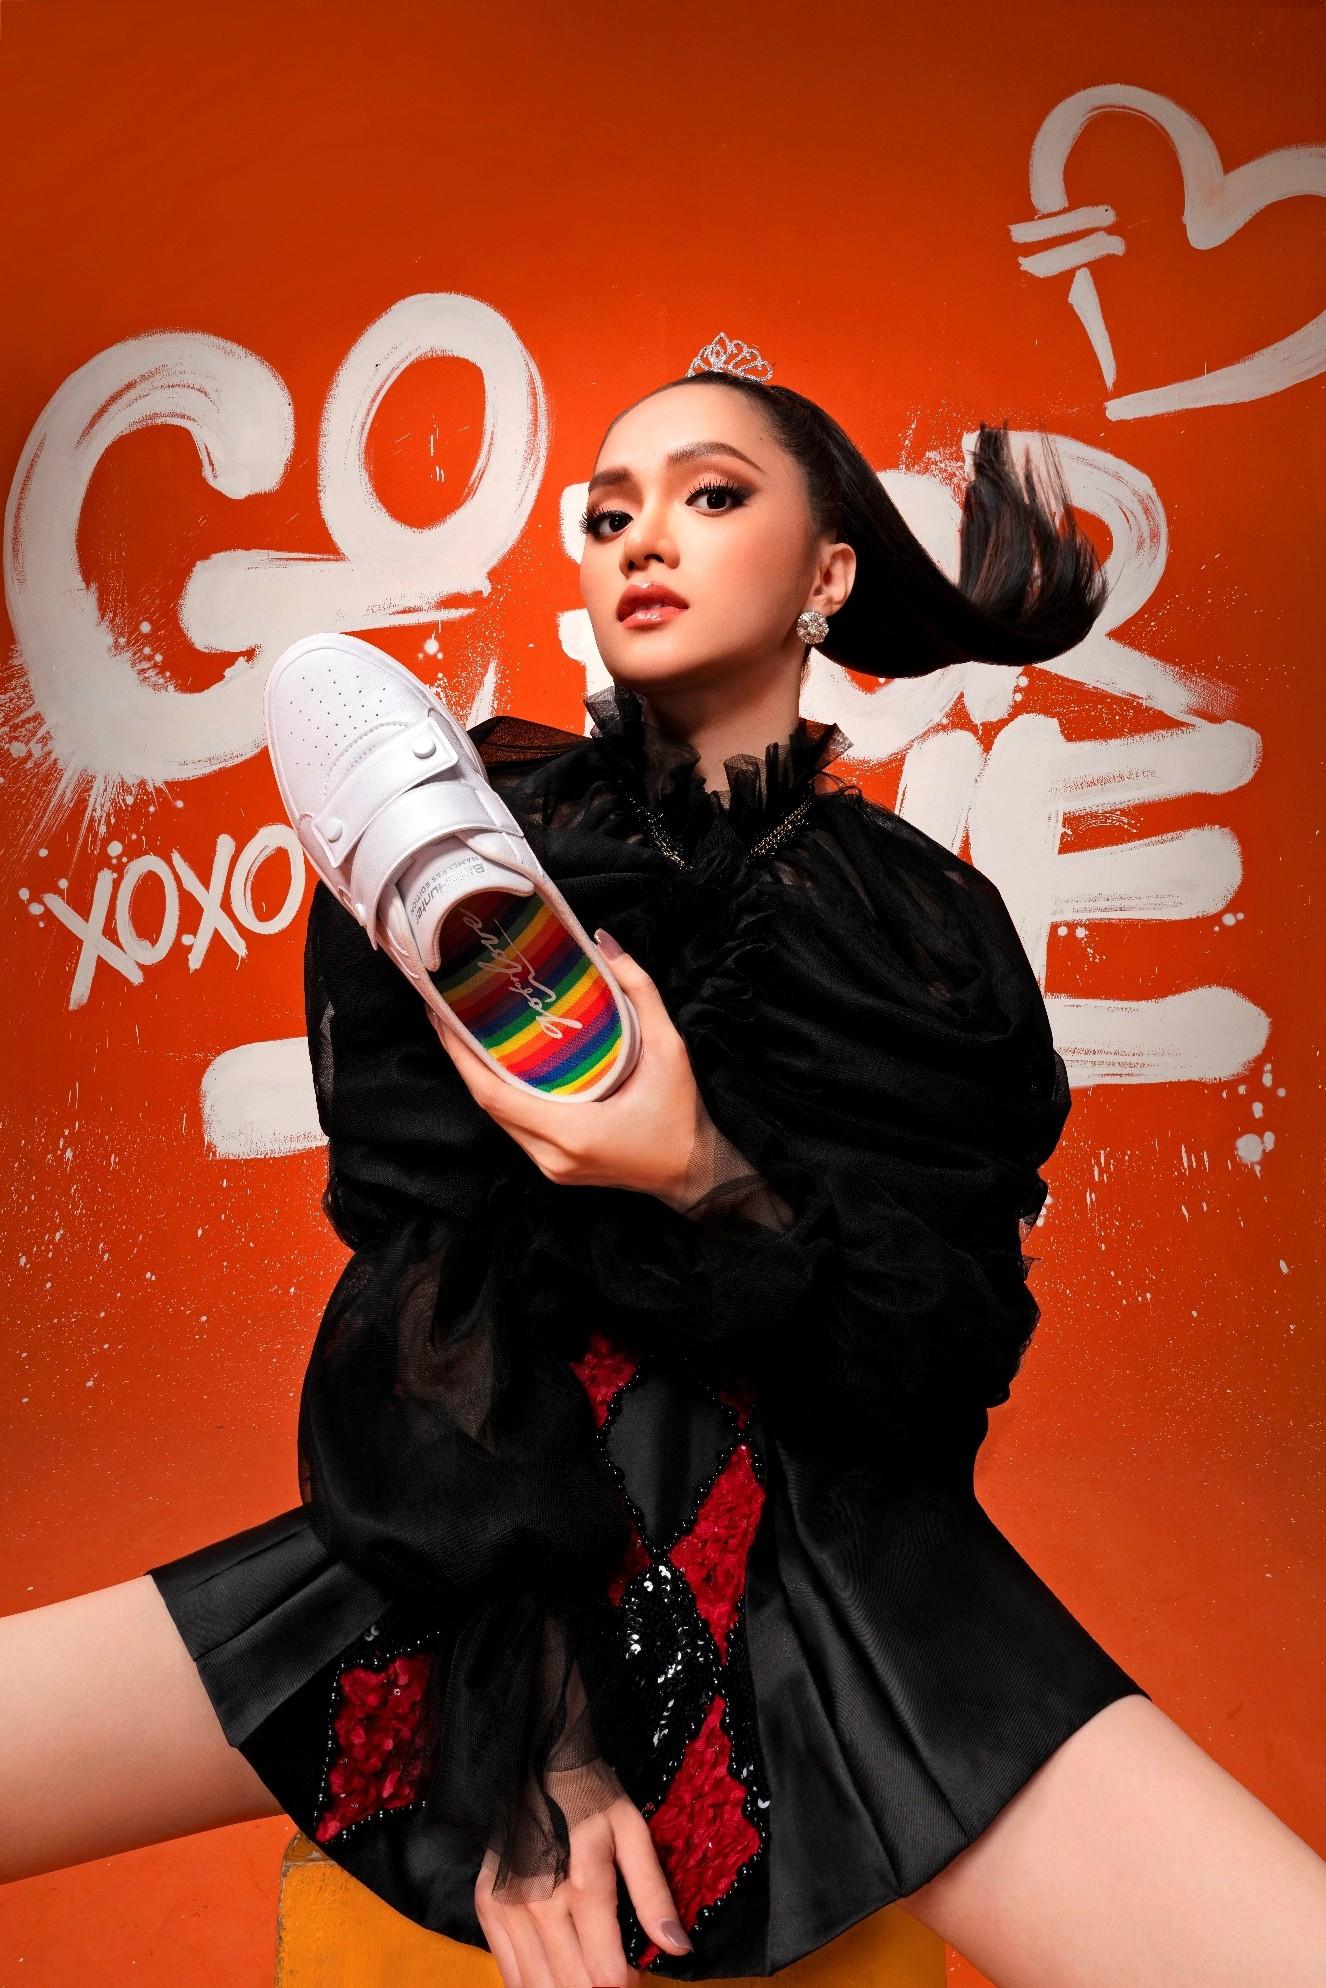 Ngôi sao - Hoa hậu Hương Giang tung bộ ảnh về bình đẳng giới nhân dịp lễ tình yêu